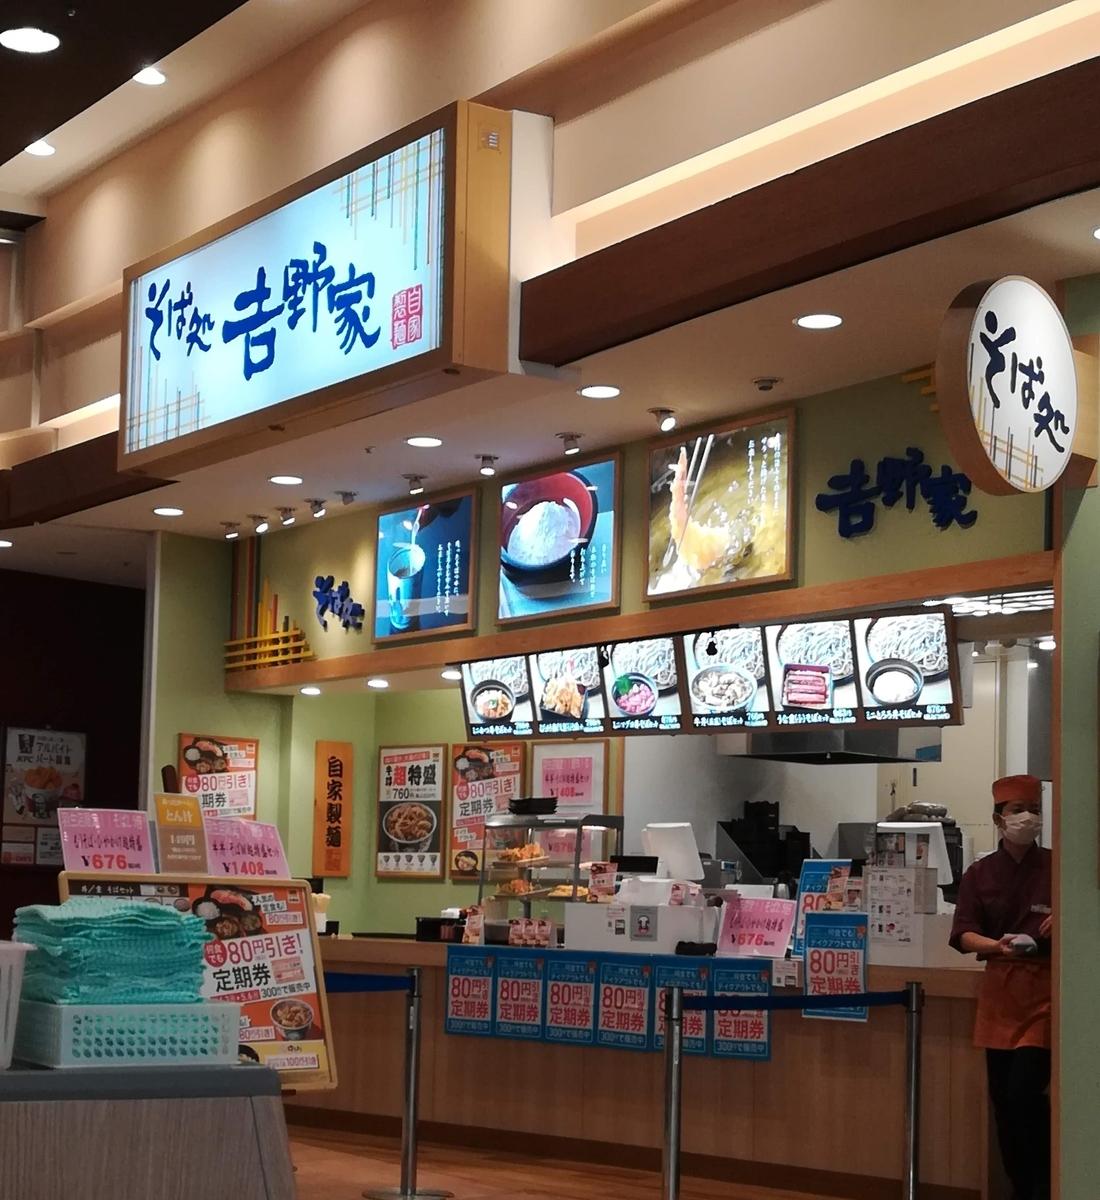 そば処吉野家は蕎麦と吉野家の牛丼が食べられるお店です!